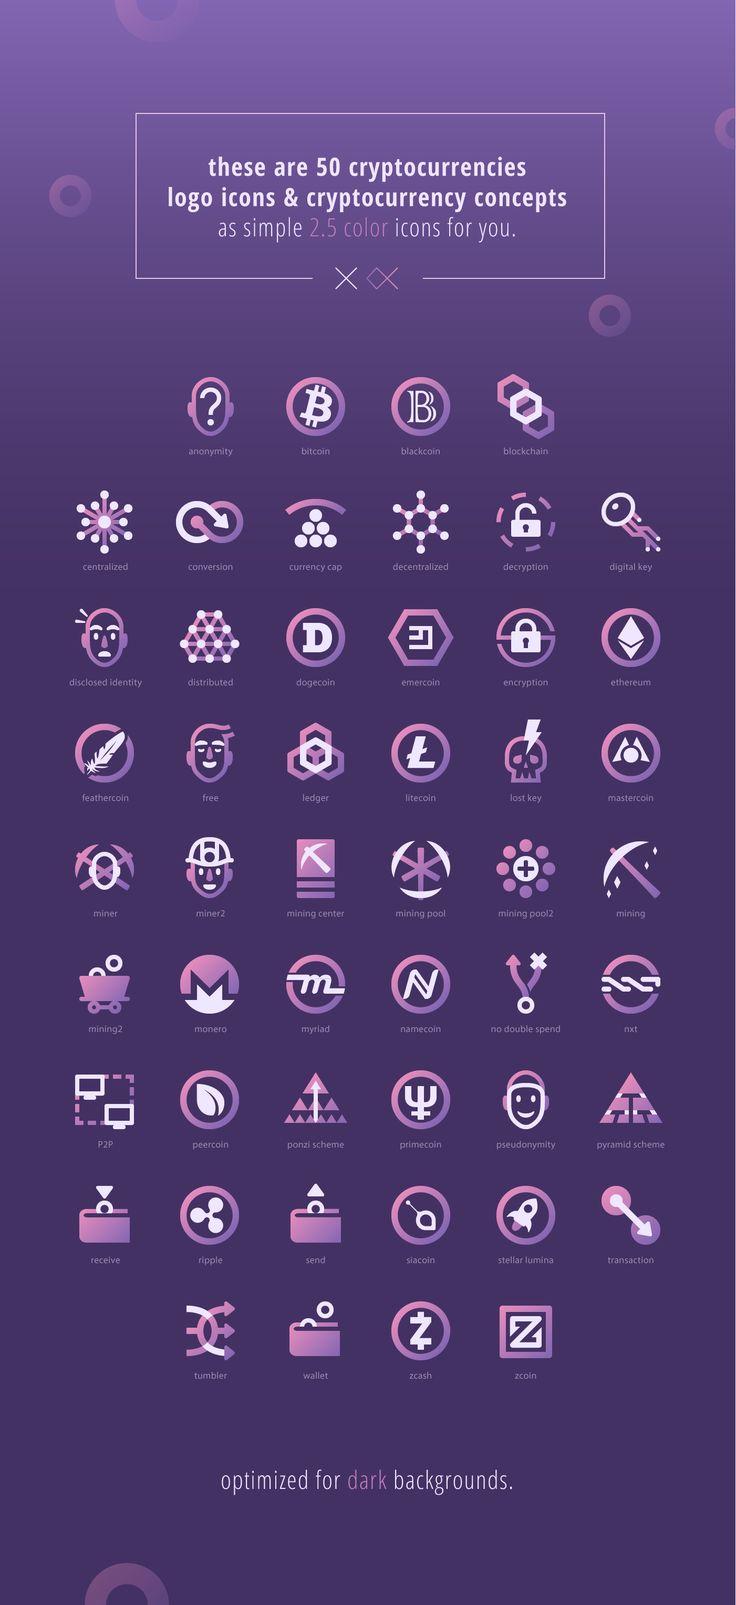 cryptocurrencies_icons_miniset_2